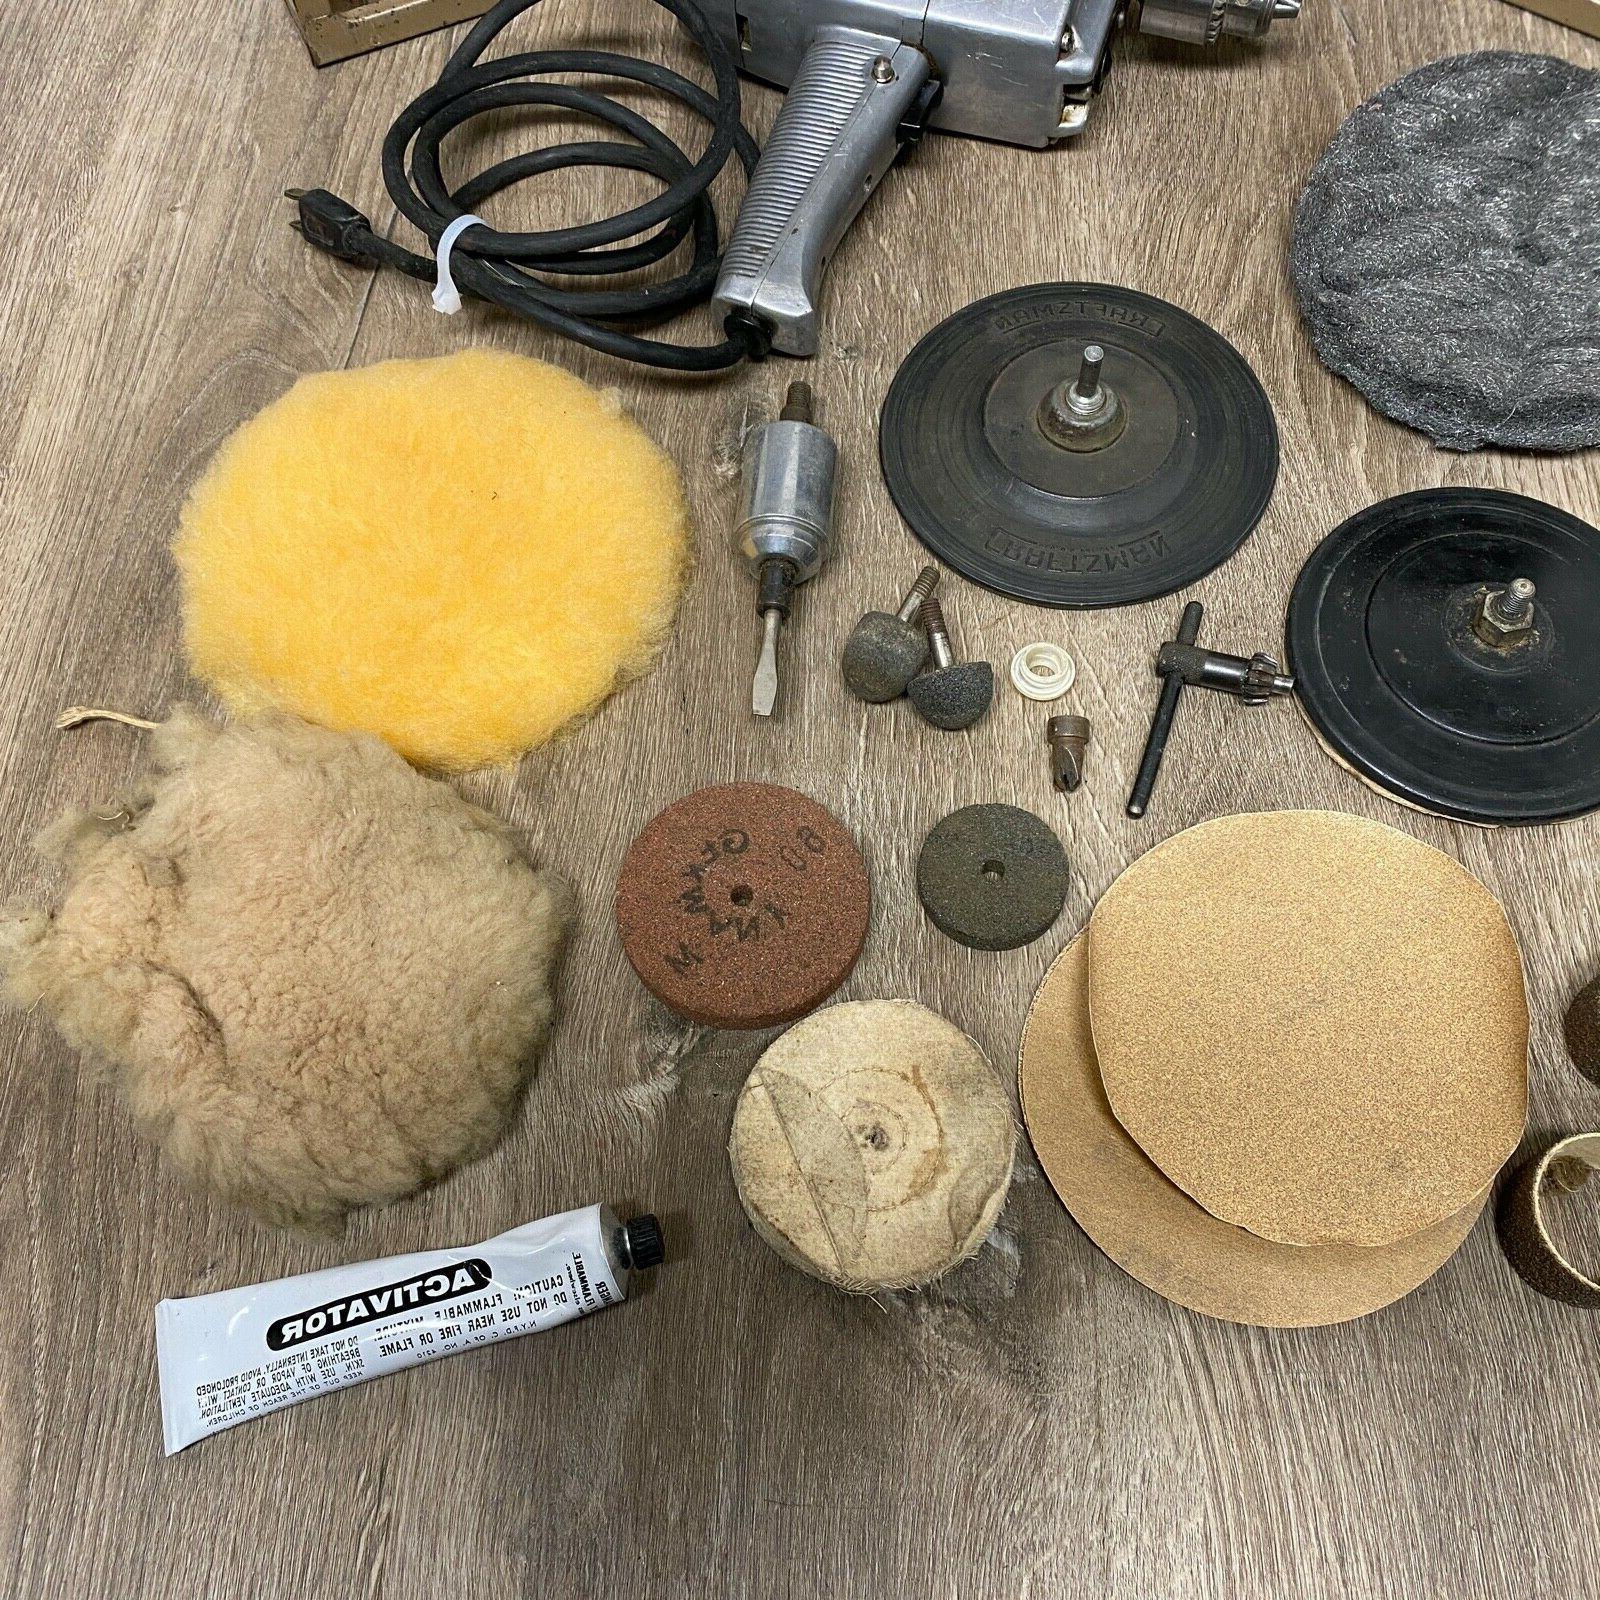 Craftsman 2 speed polisher Sander Drill 315.27760 & Accessories